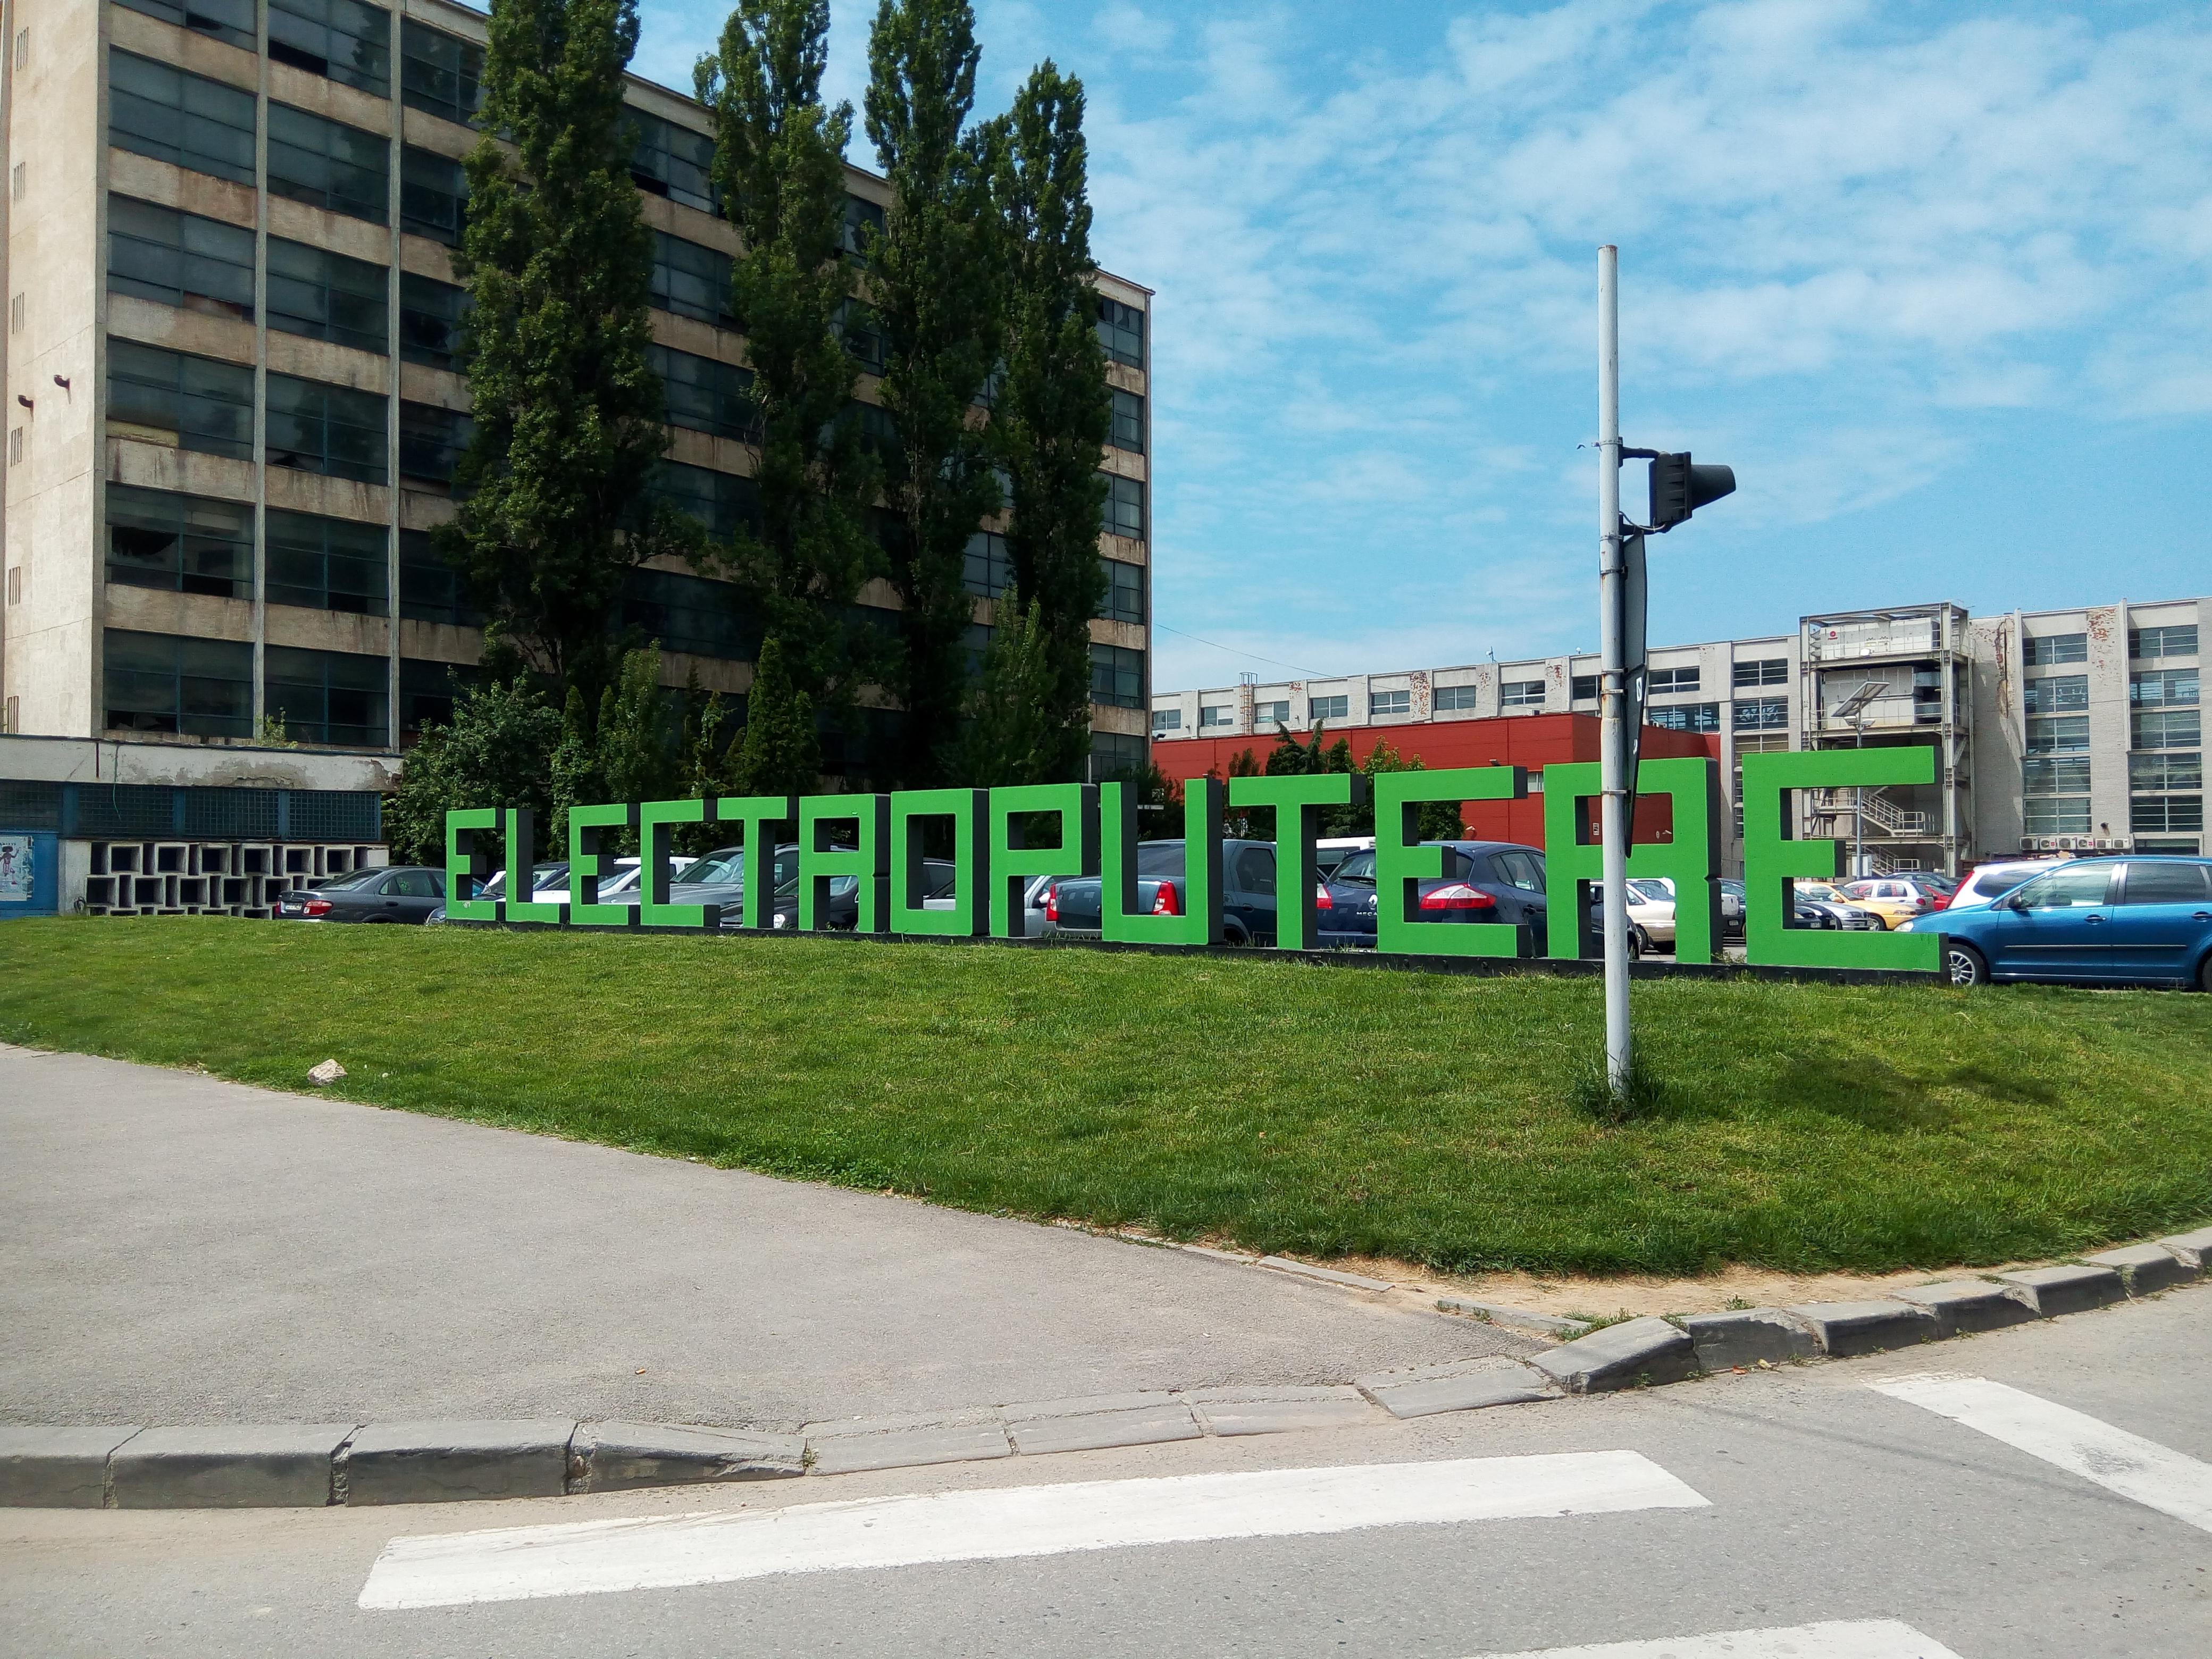 #CentenarulRosu Electroputere Craiova şi Uzina Tractorul. Ce s-a ales de marile fabrici comuniste